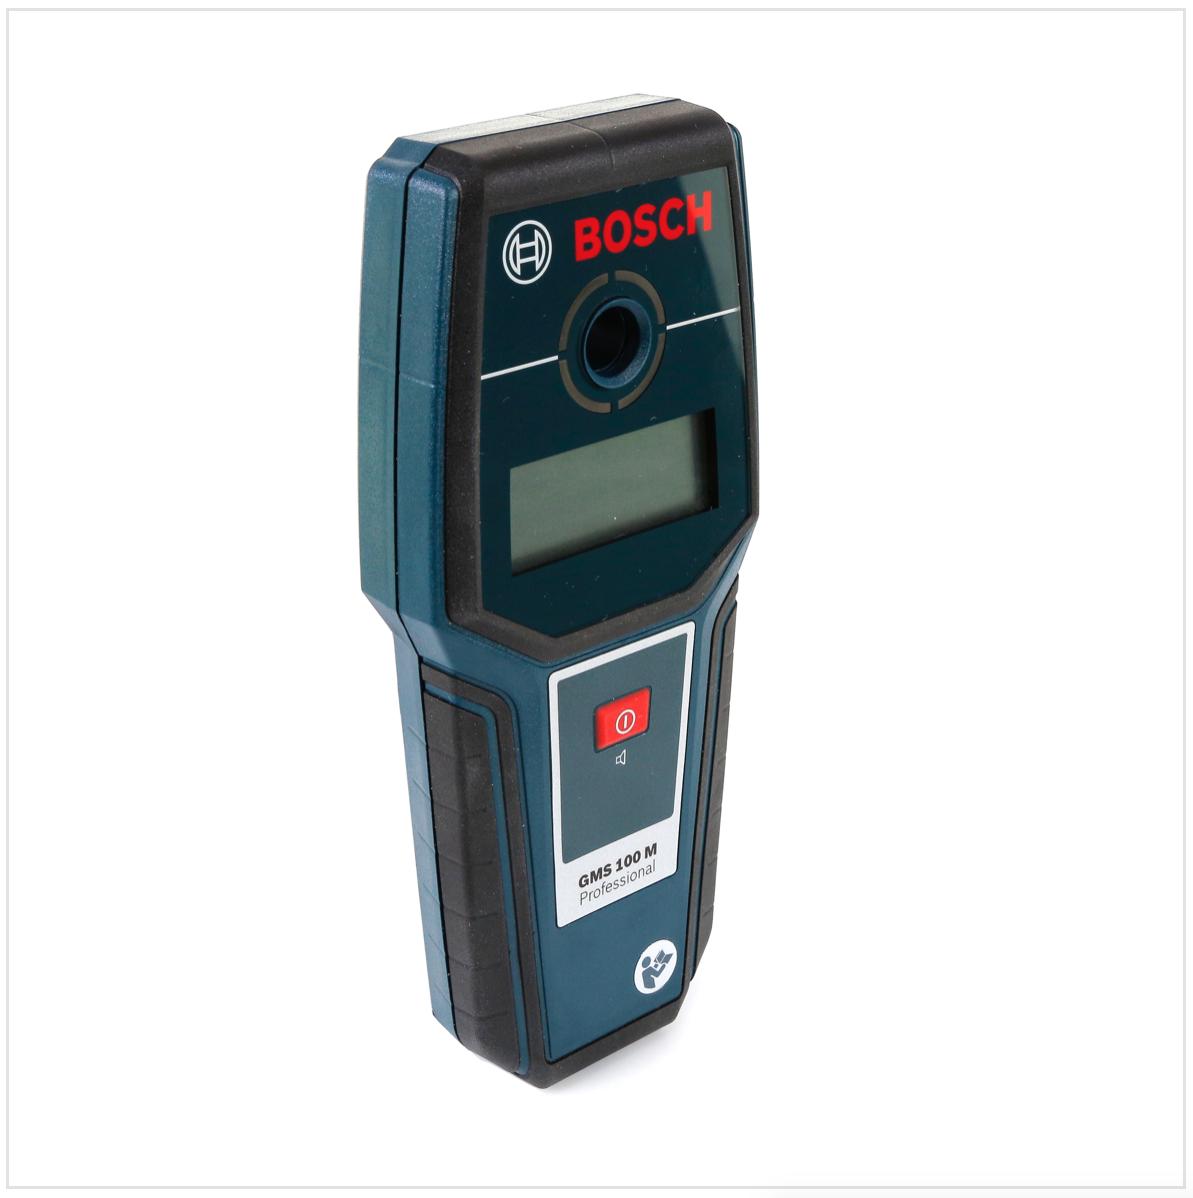 bosch gms 100 m détecteur de métaux ( 0601081100 ) elektrowerkzeug